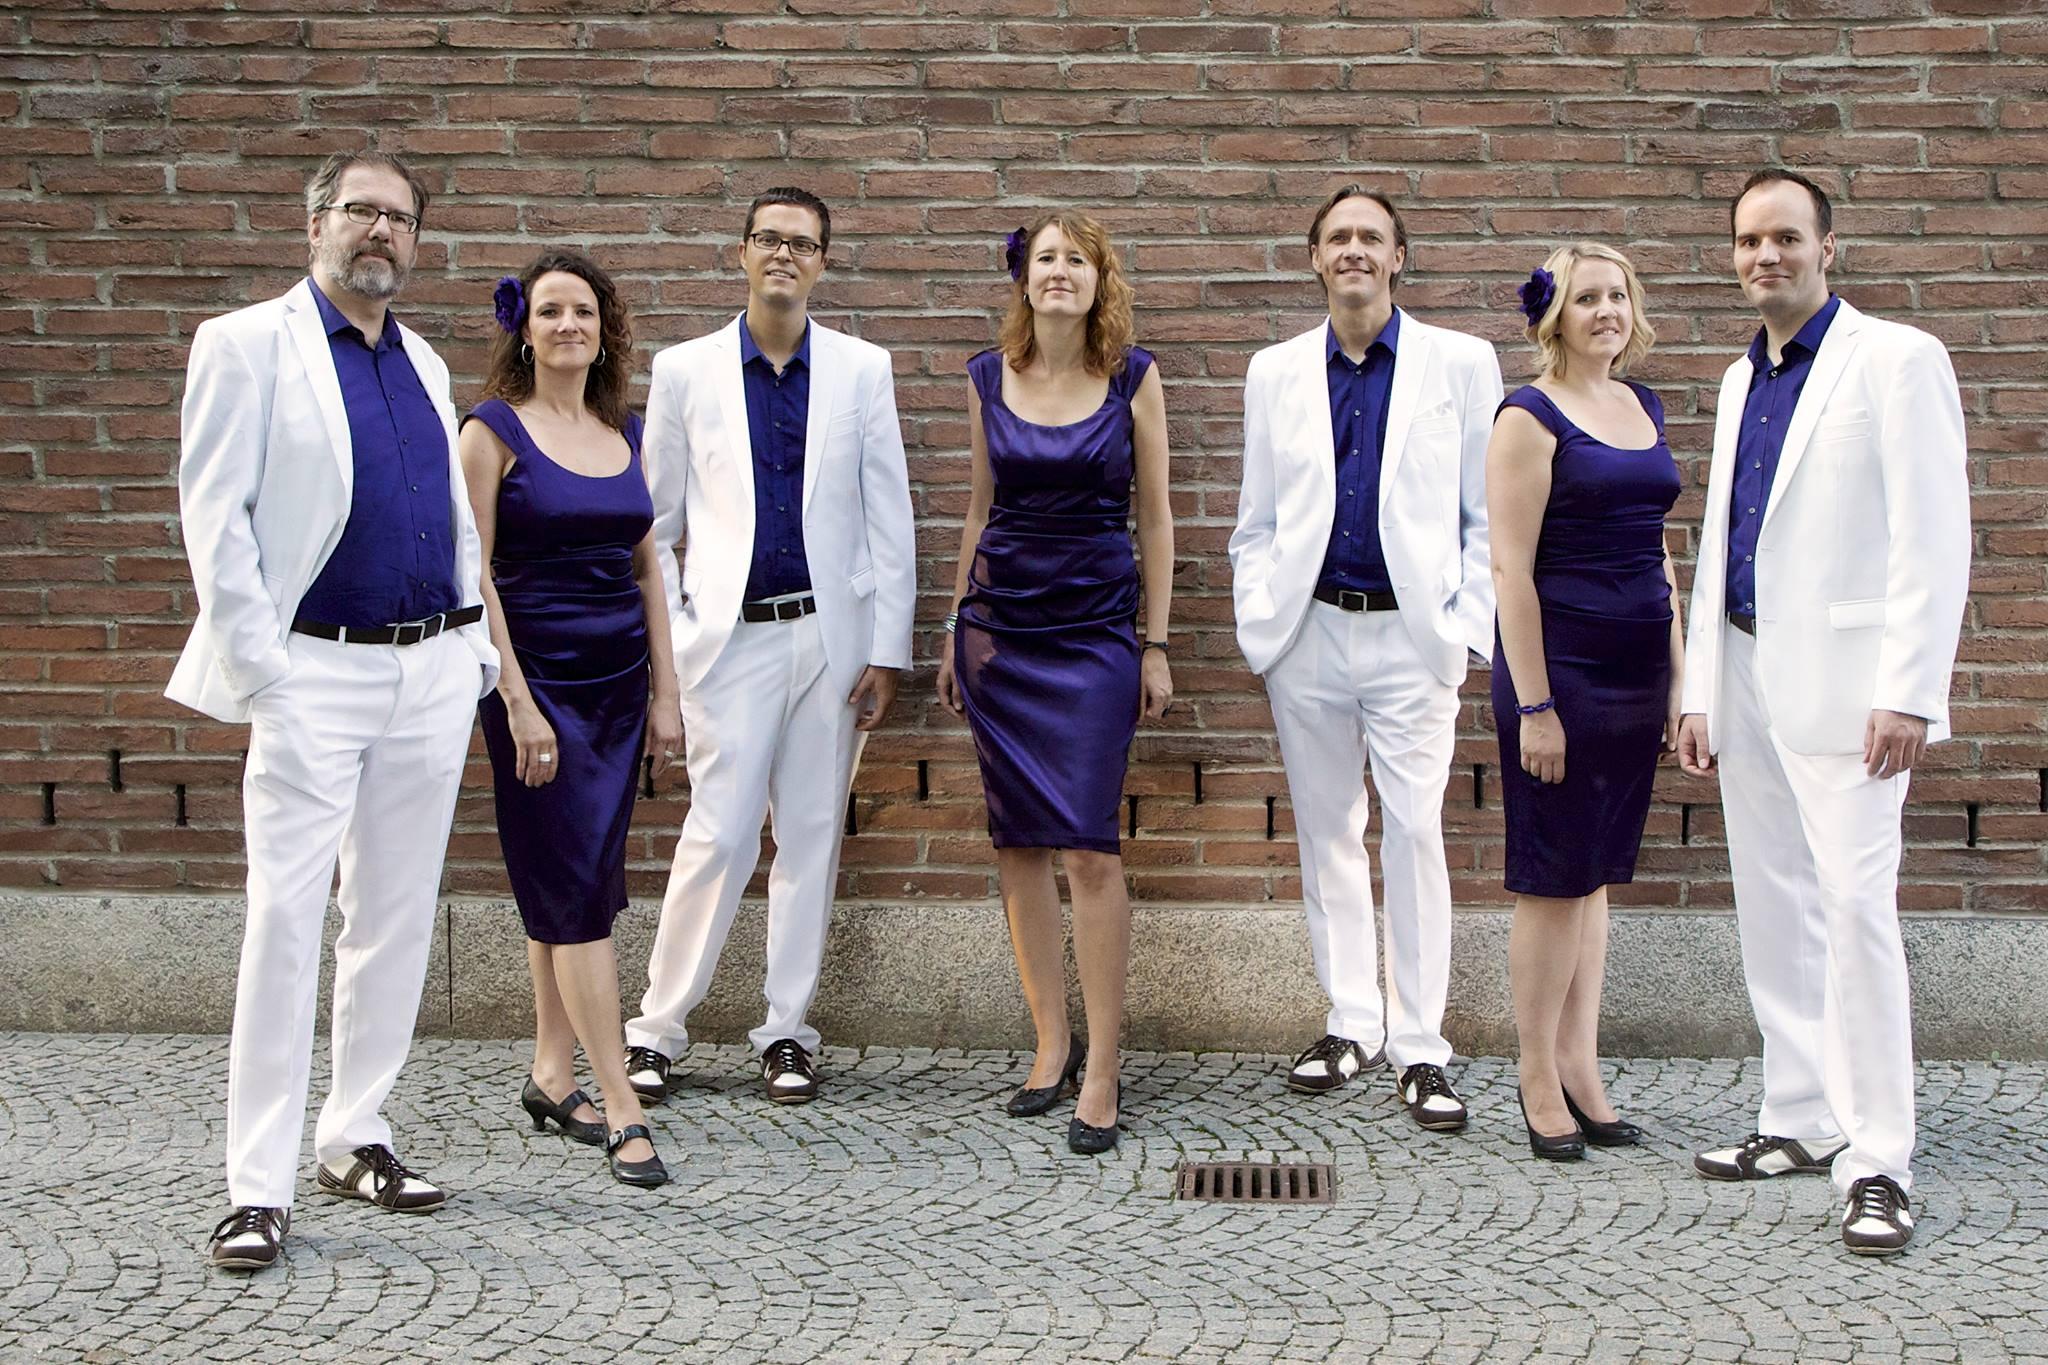 die siebenköpfige A-cappella-Gruppe bar nineteen